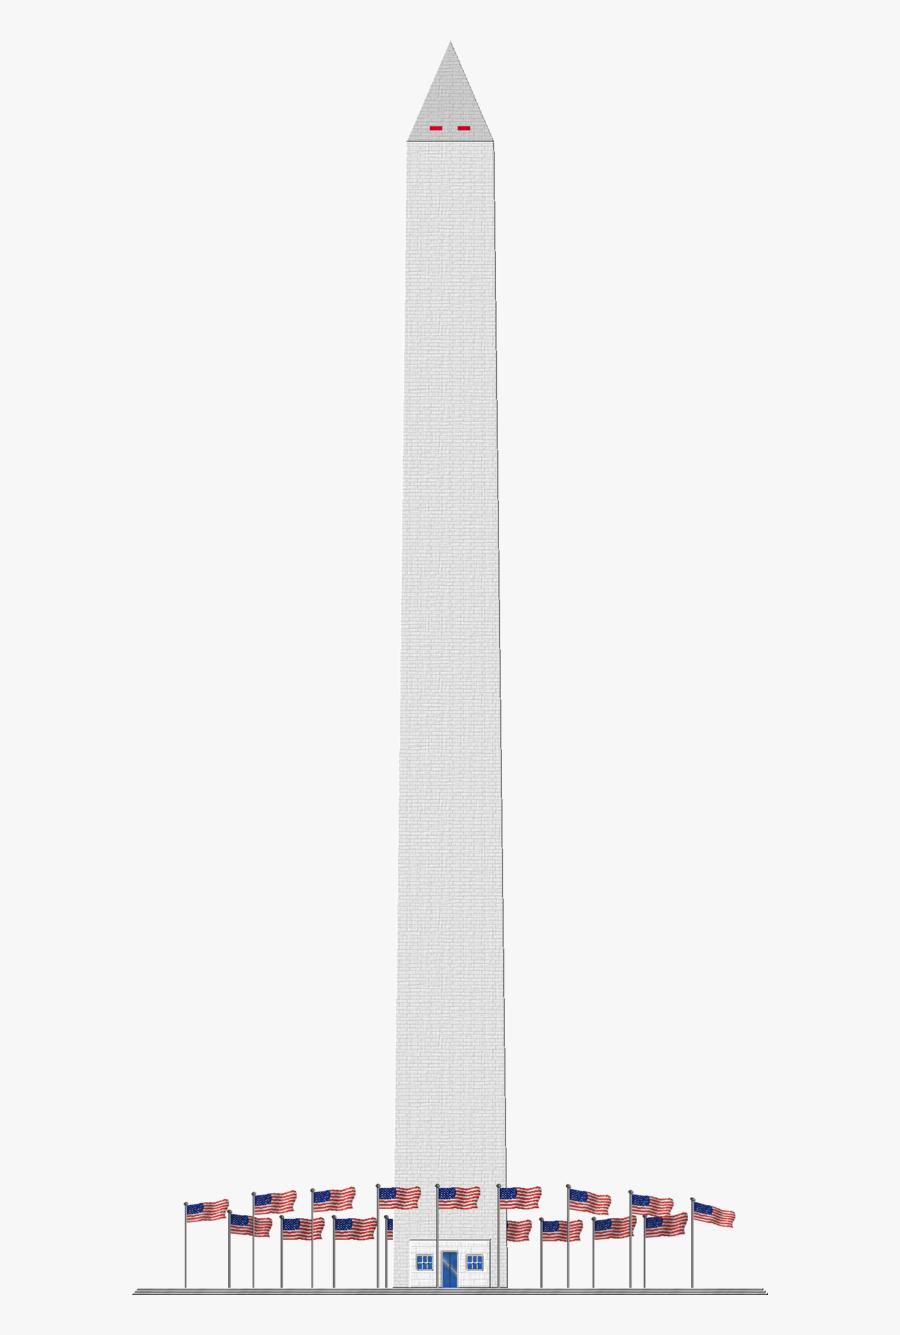 Washington Monument Transparent Background, Transparent Clipart